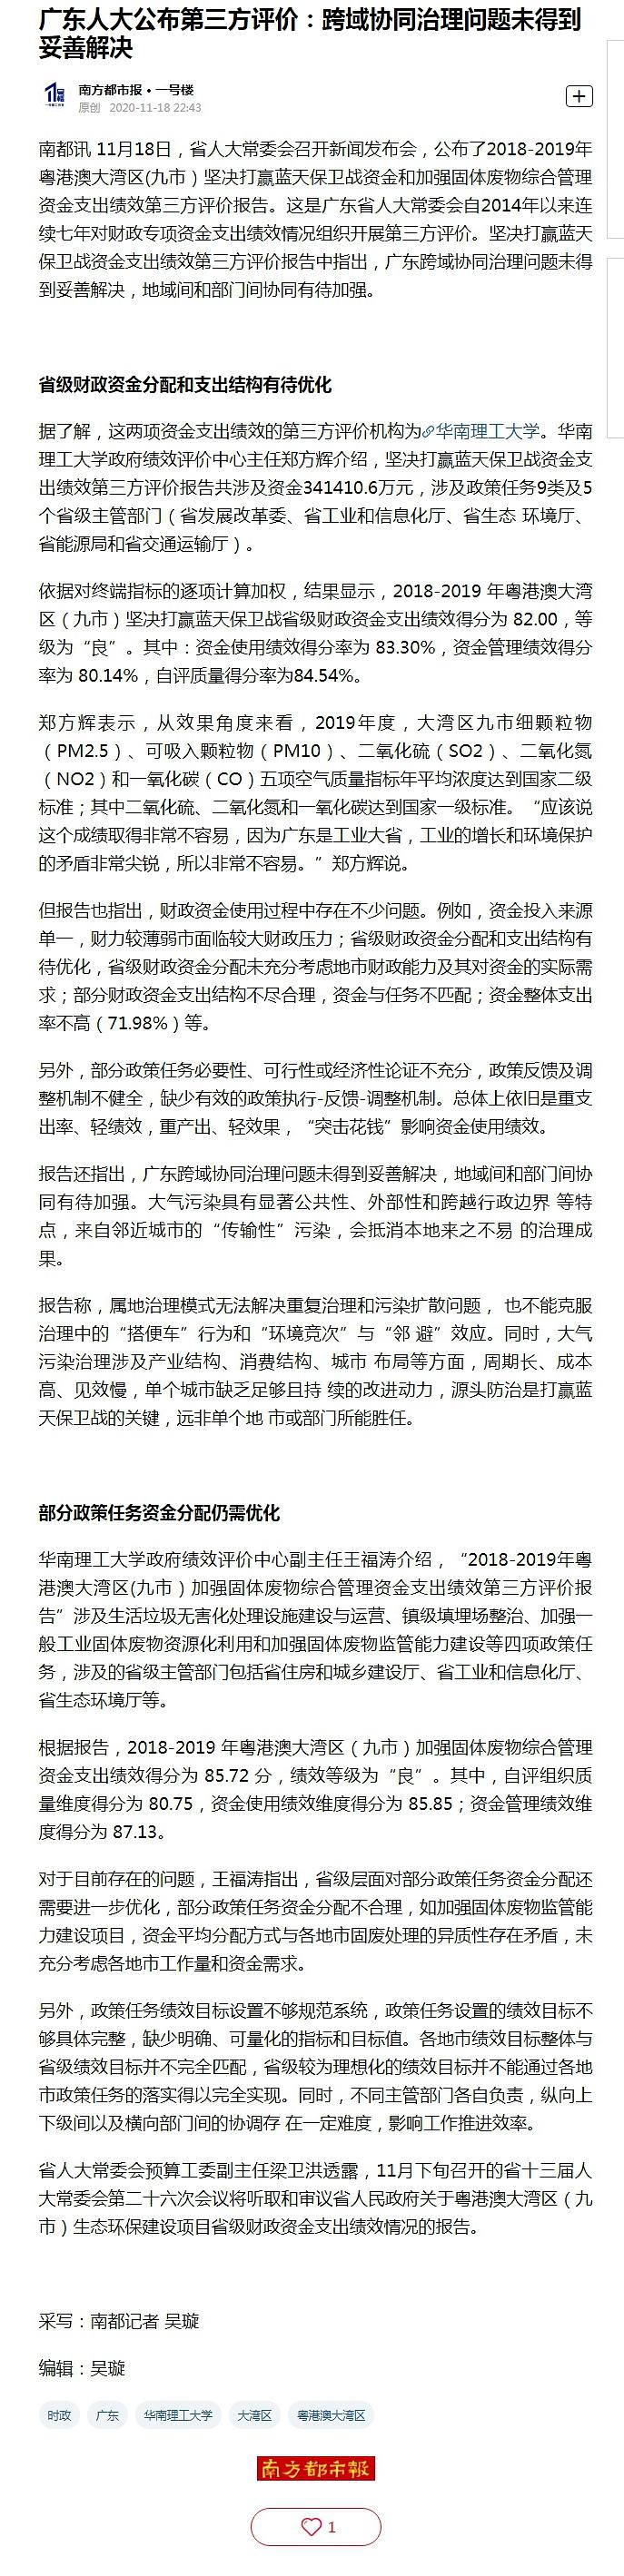 广东人大公布第三方评价:跨域协同治理问题未得到妥善解决.jpg